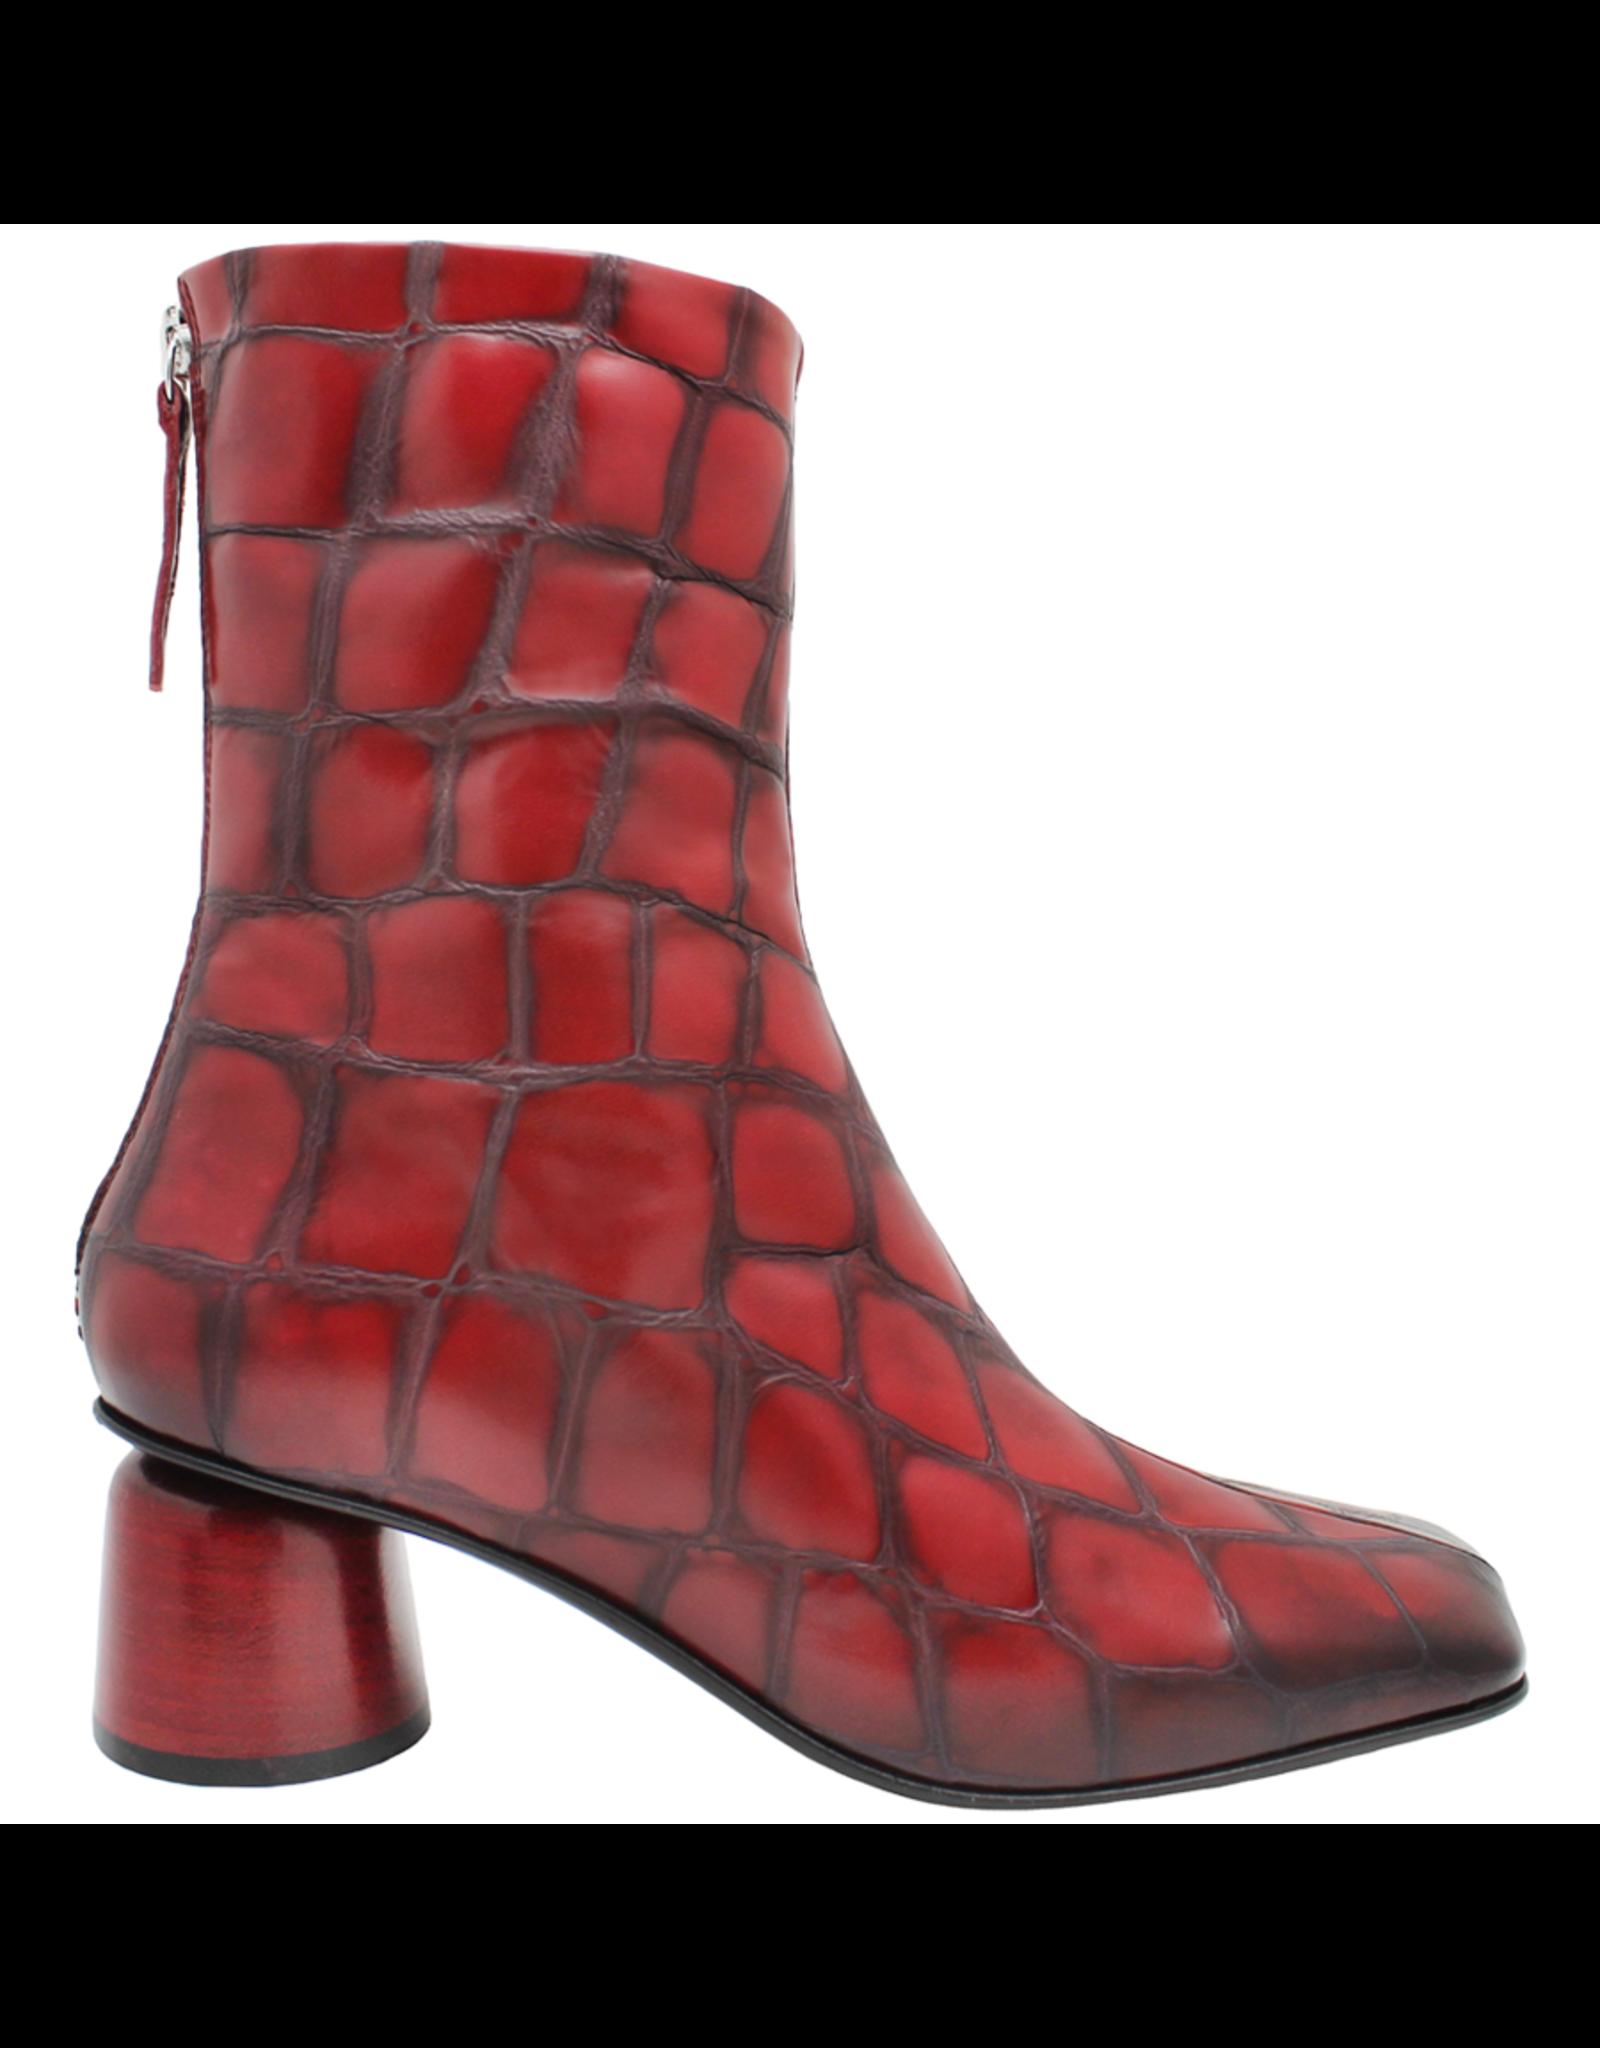 Halmanera Halmanera Red Croco Boot 2041